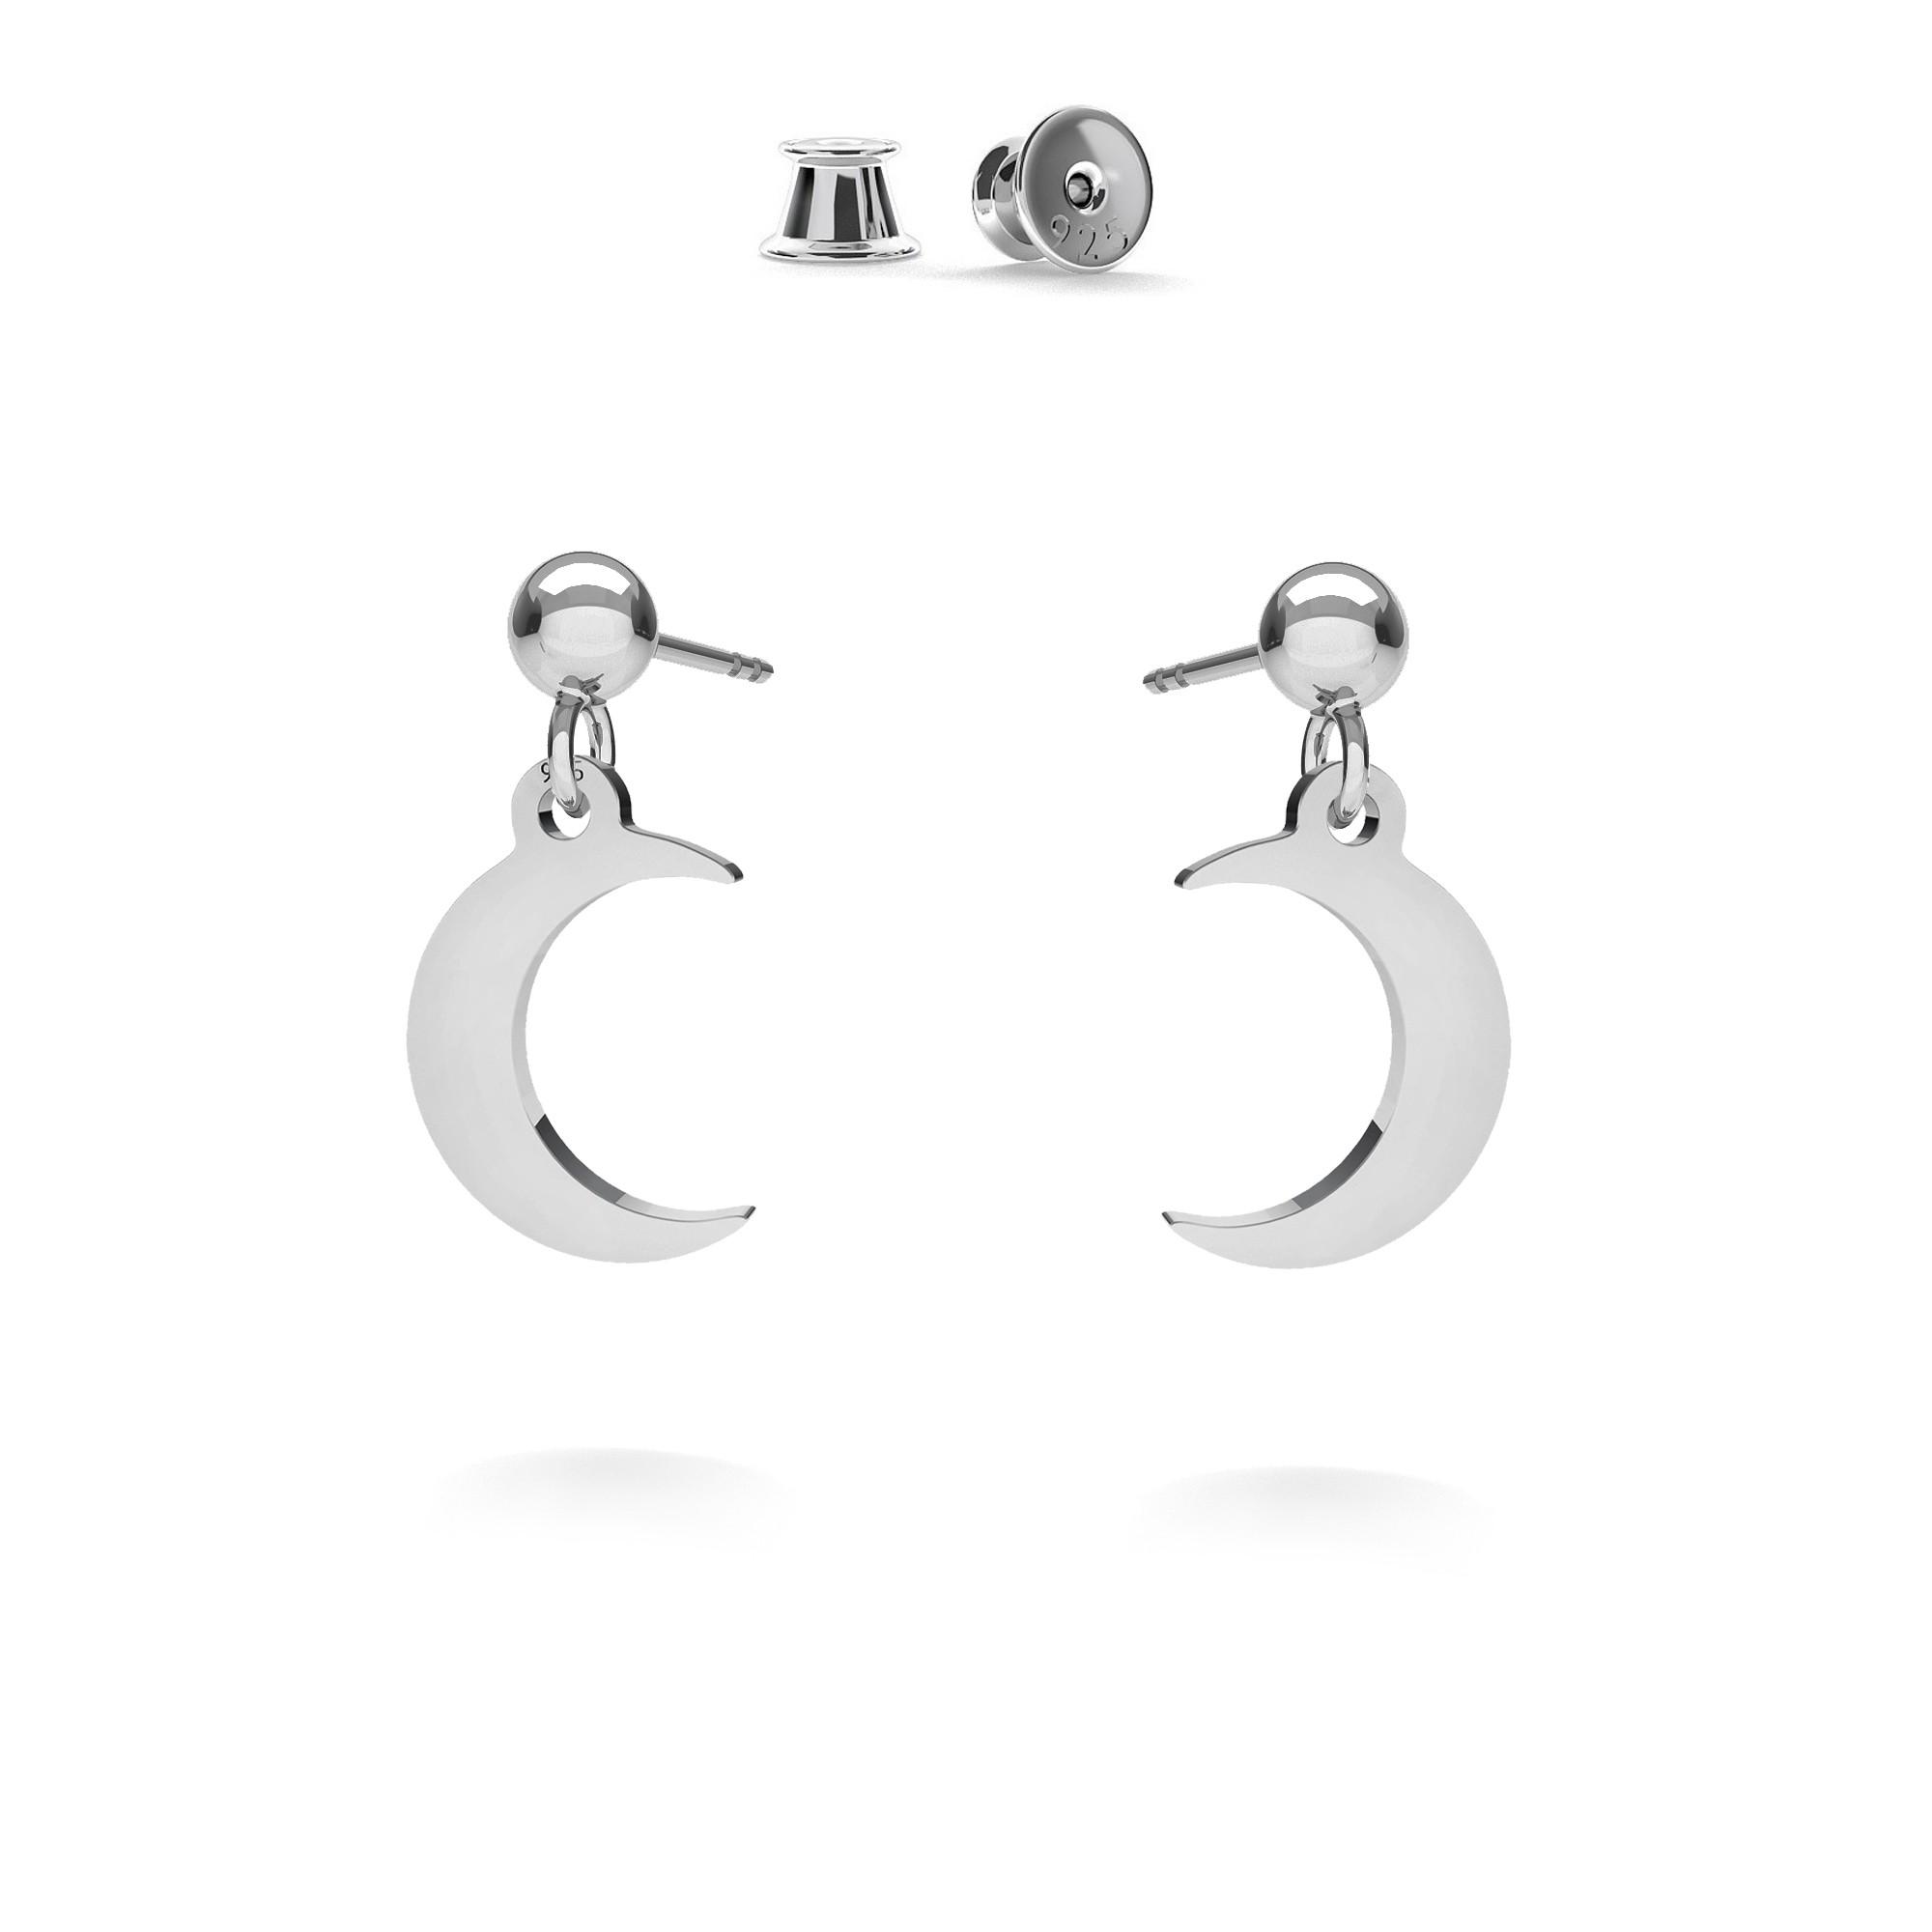 Kolczyki wiszące małe księżyce MON DÉFI, srebro 925